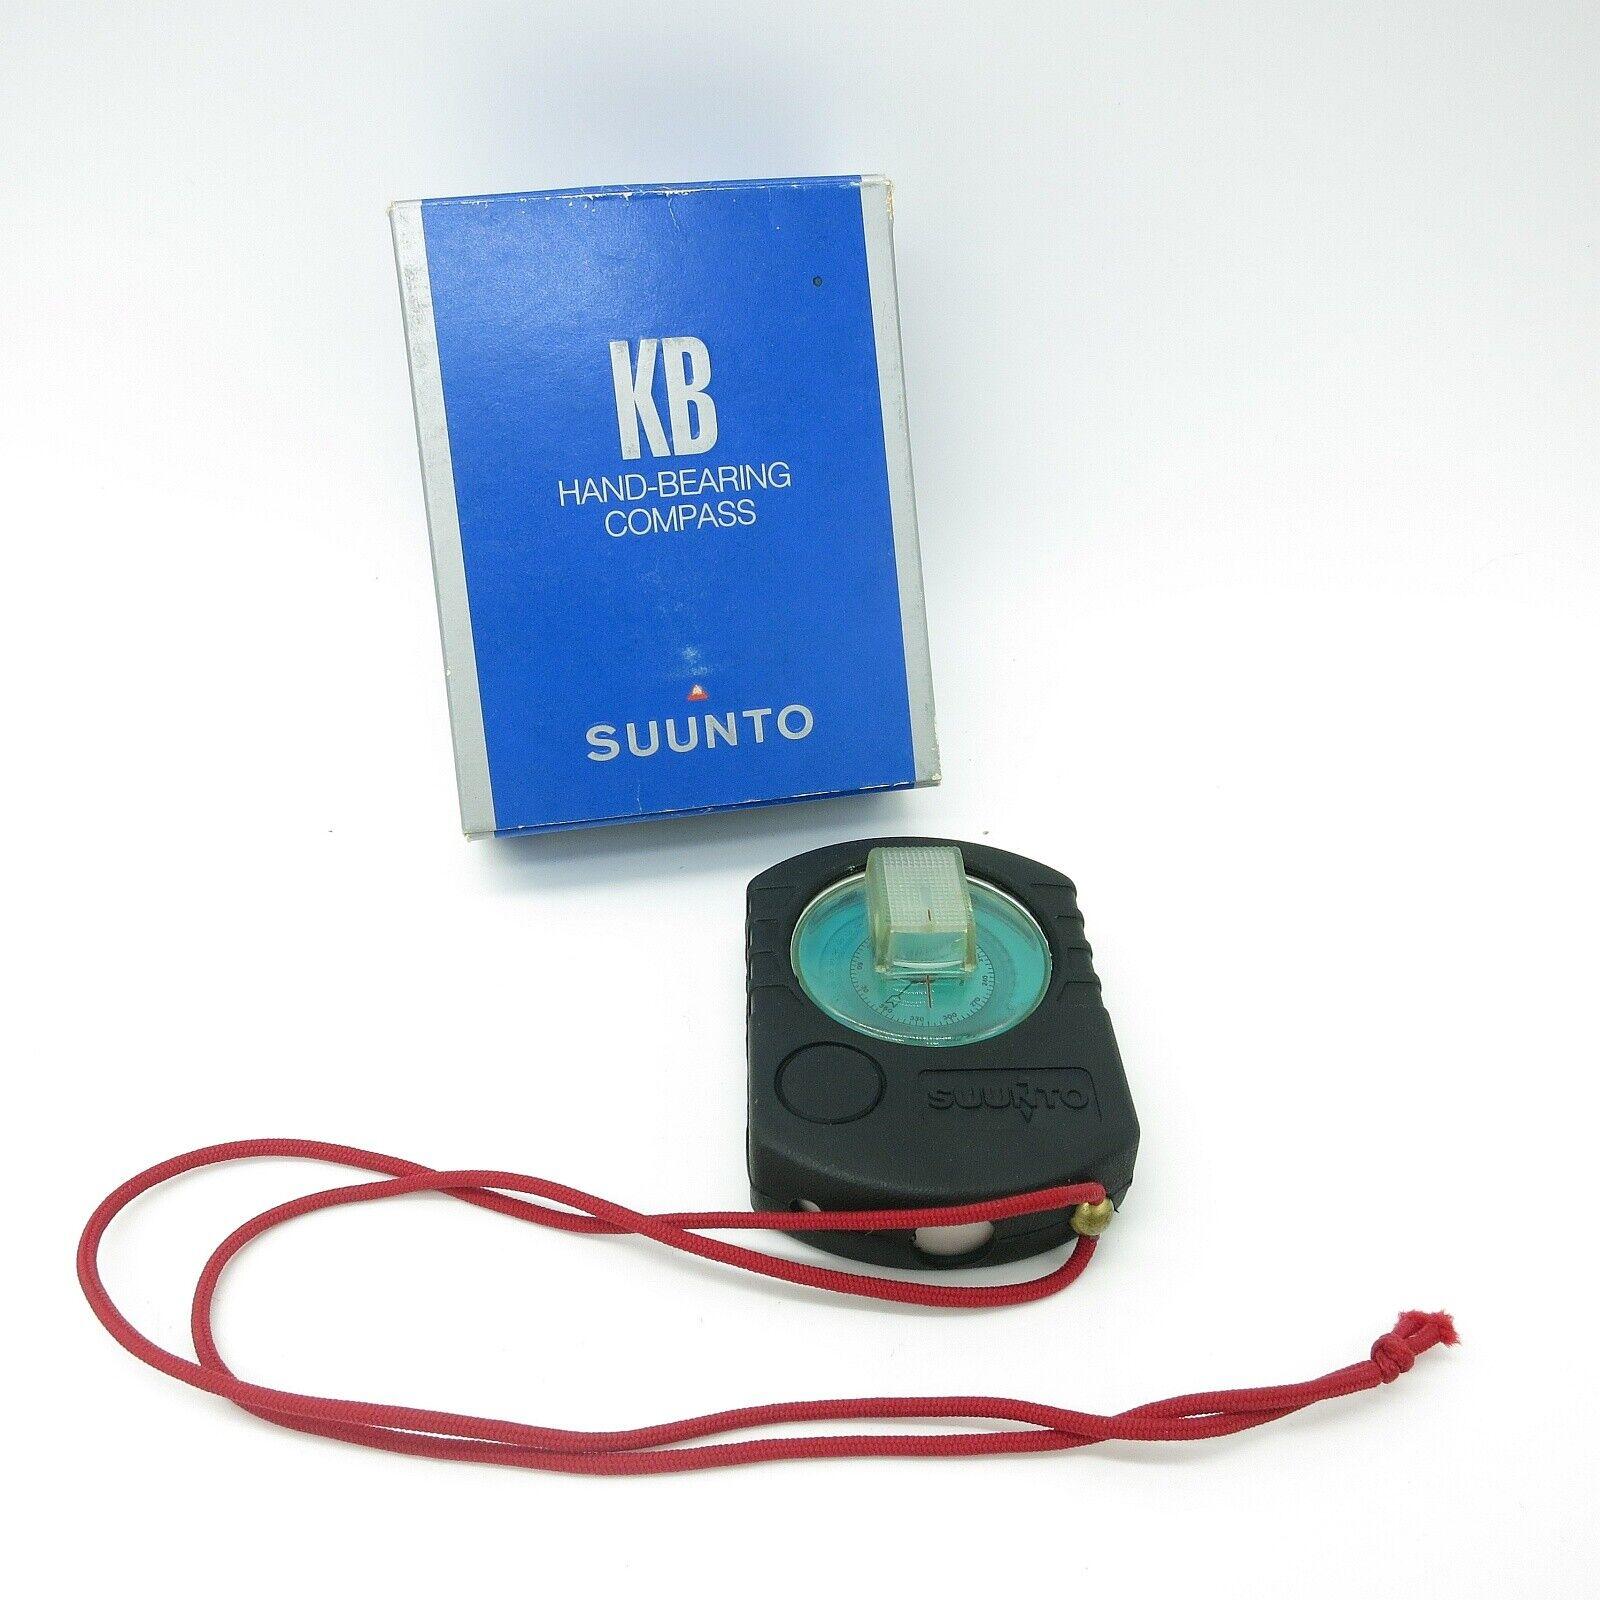 Suunto KB-77 Hand-Bearing Compass Optischer Kompass Navigation 360° 80x55x30mm